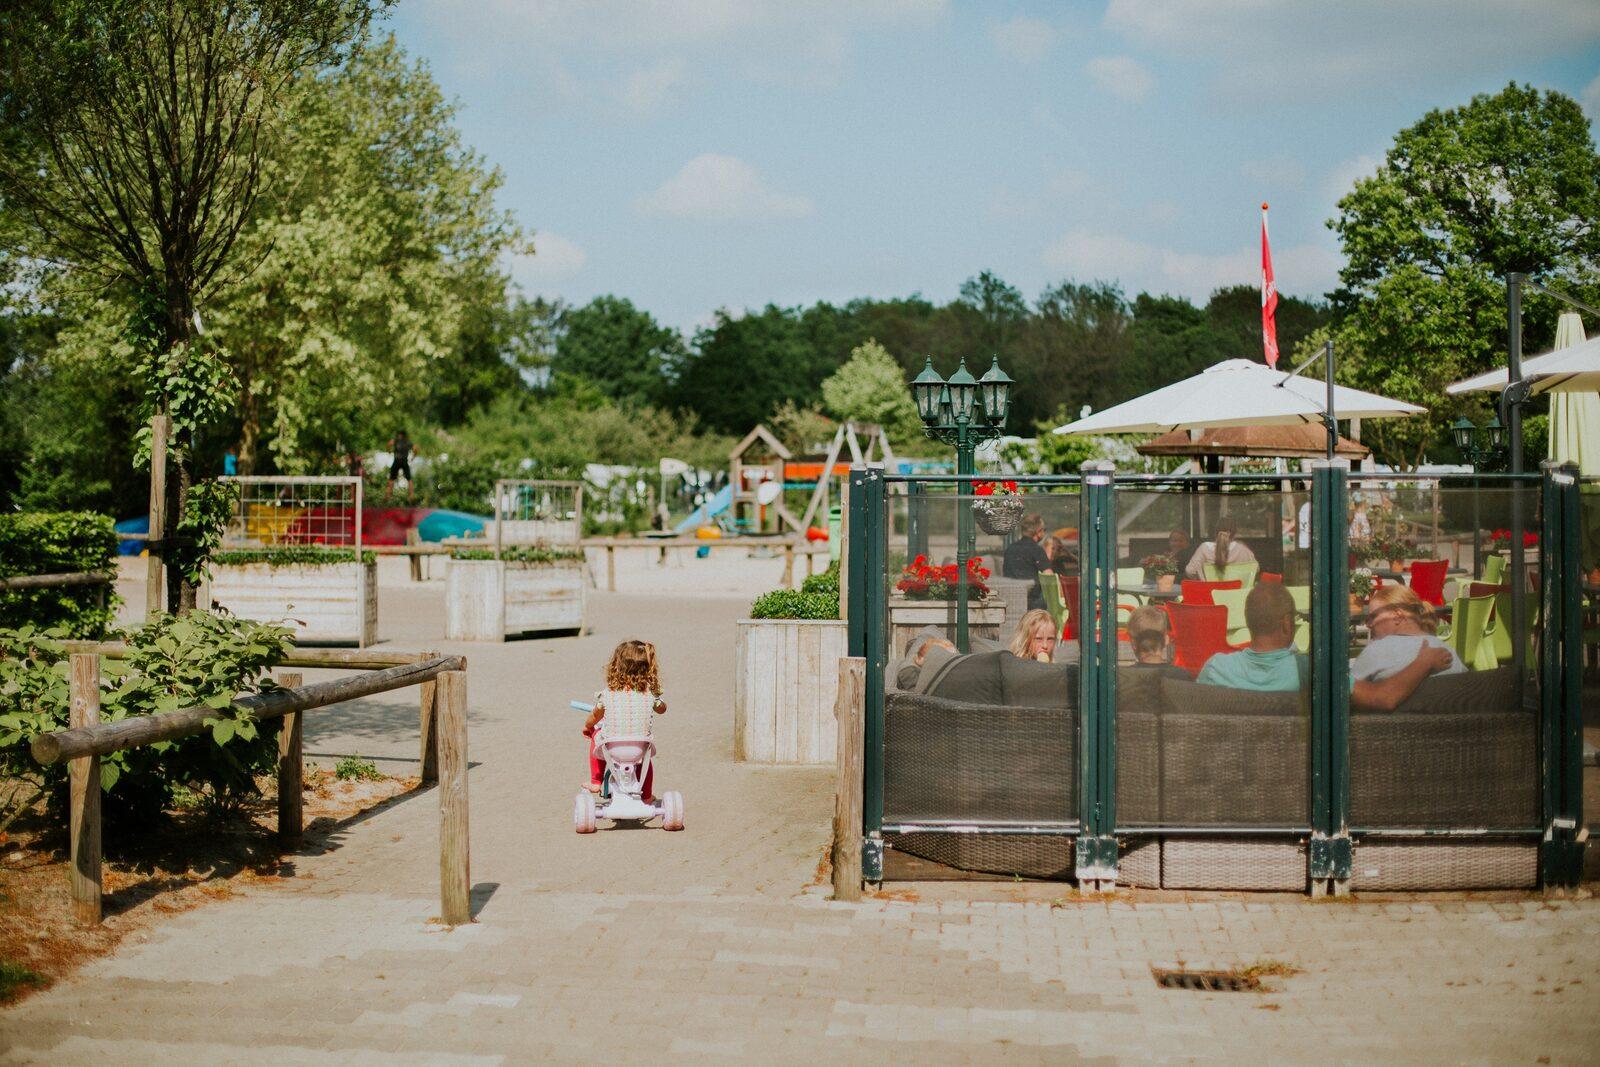 Camping vlakbij Attractiepark Slagharen